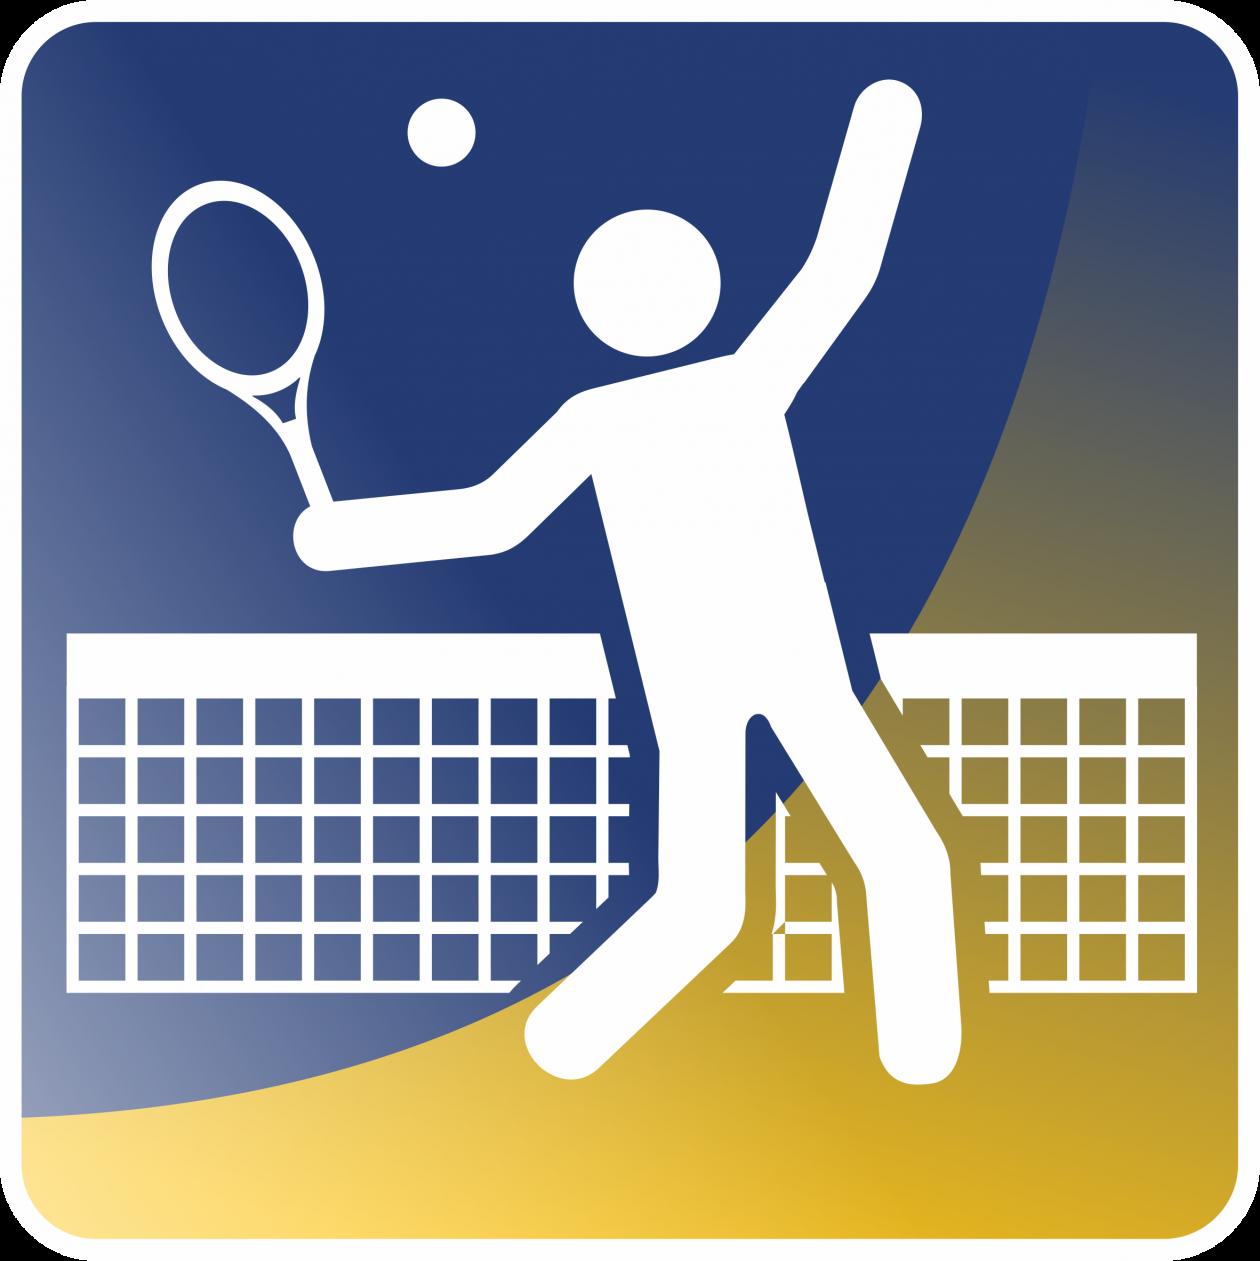 Tenisz szakosztály